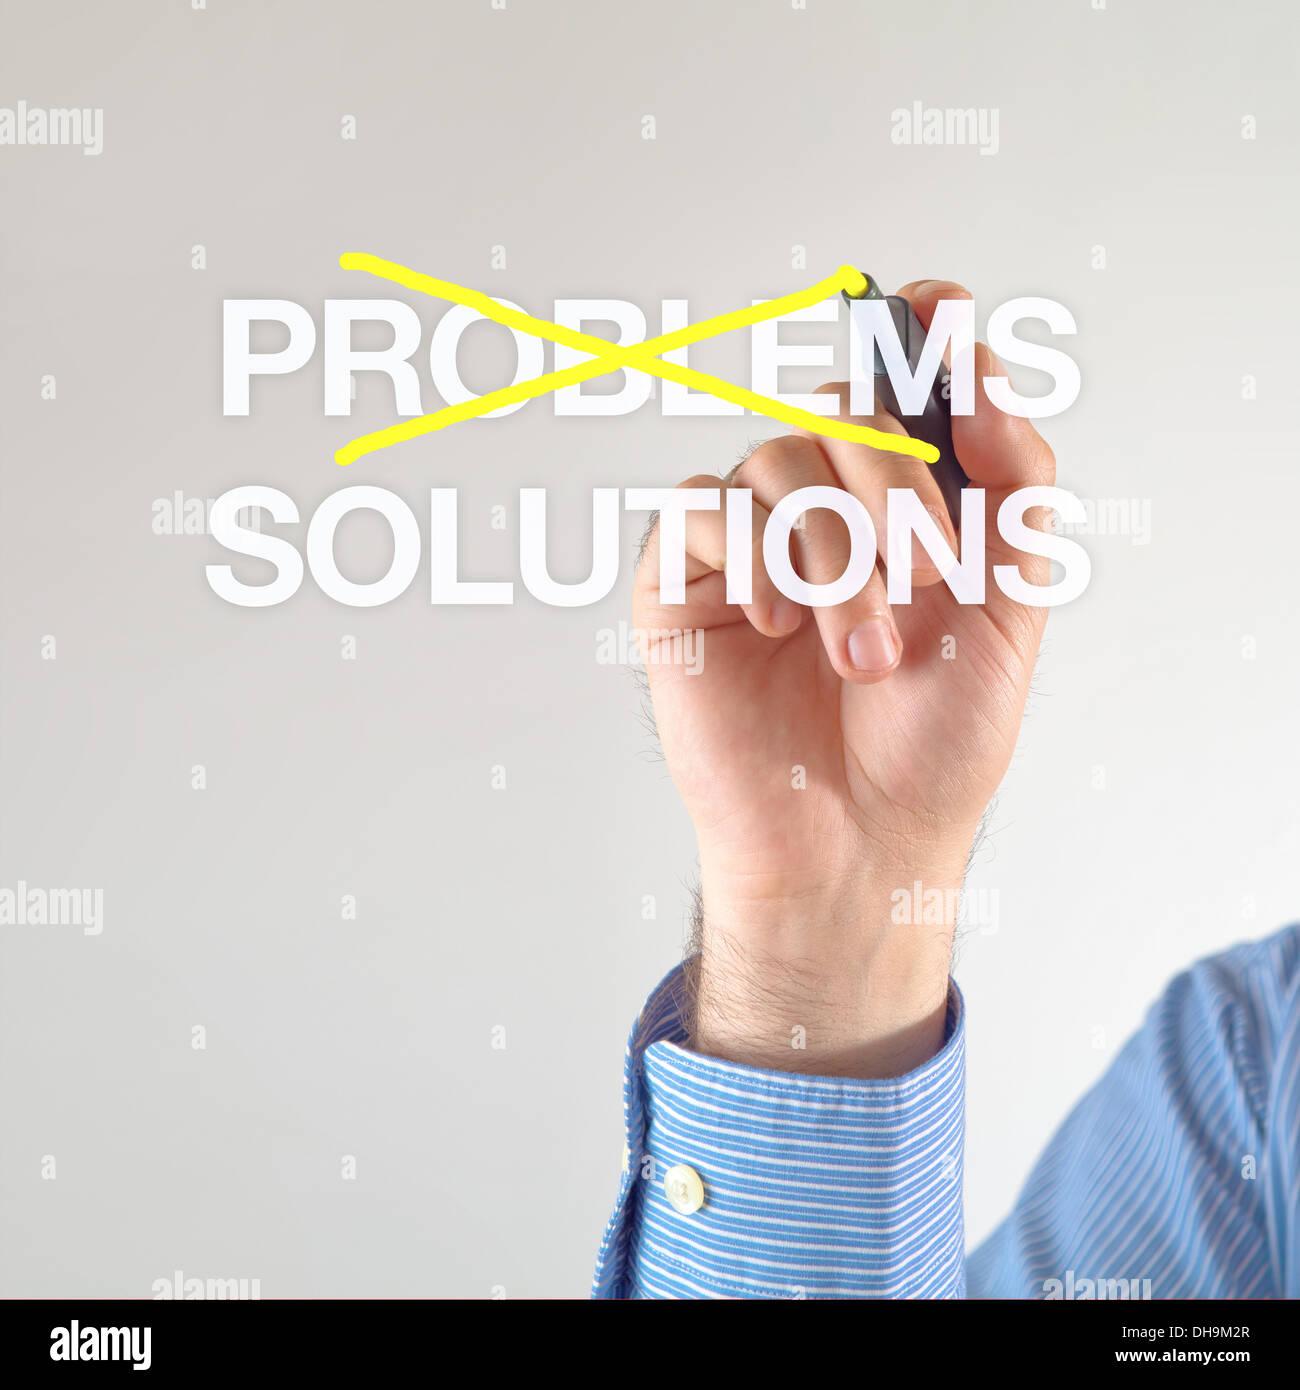 Soluzioni non problemi. Imprenditore incrocia fuori dei problemi per le soluzioni con giallo pennarello sulla schermata Immagini Stock